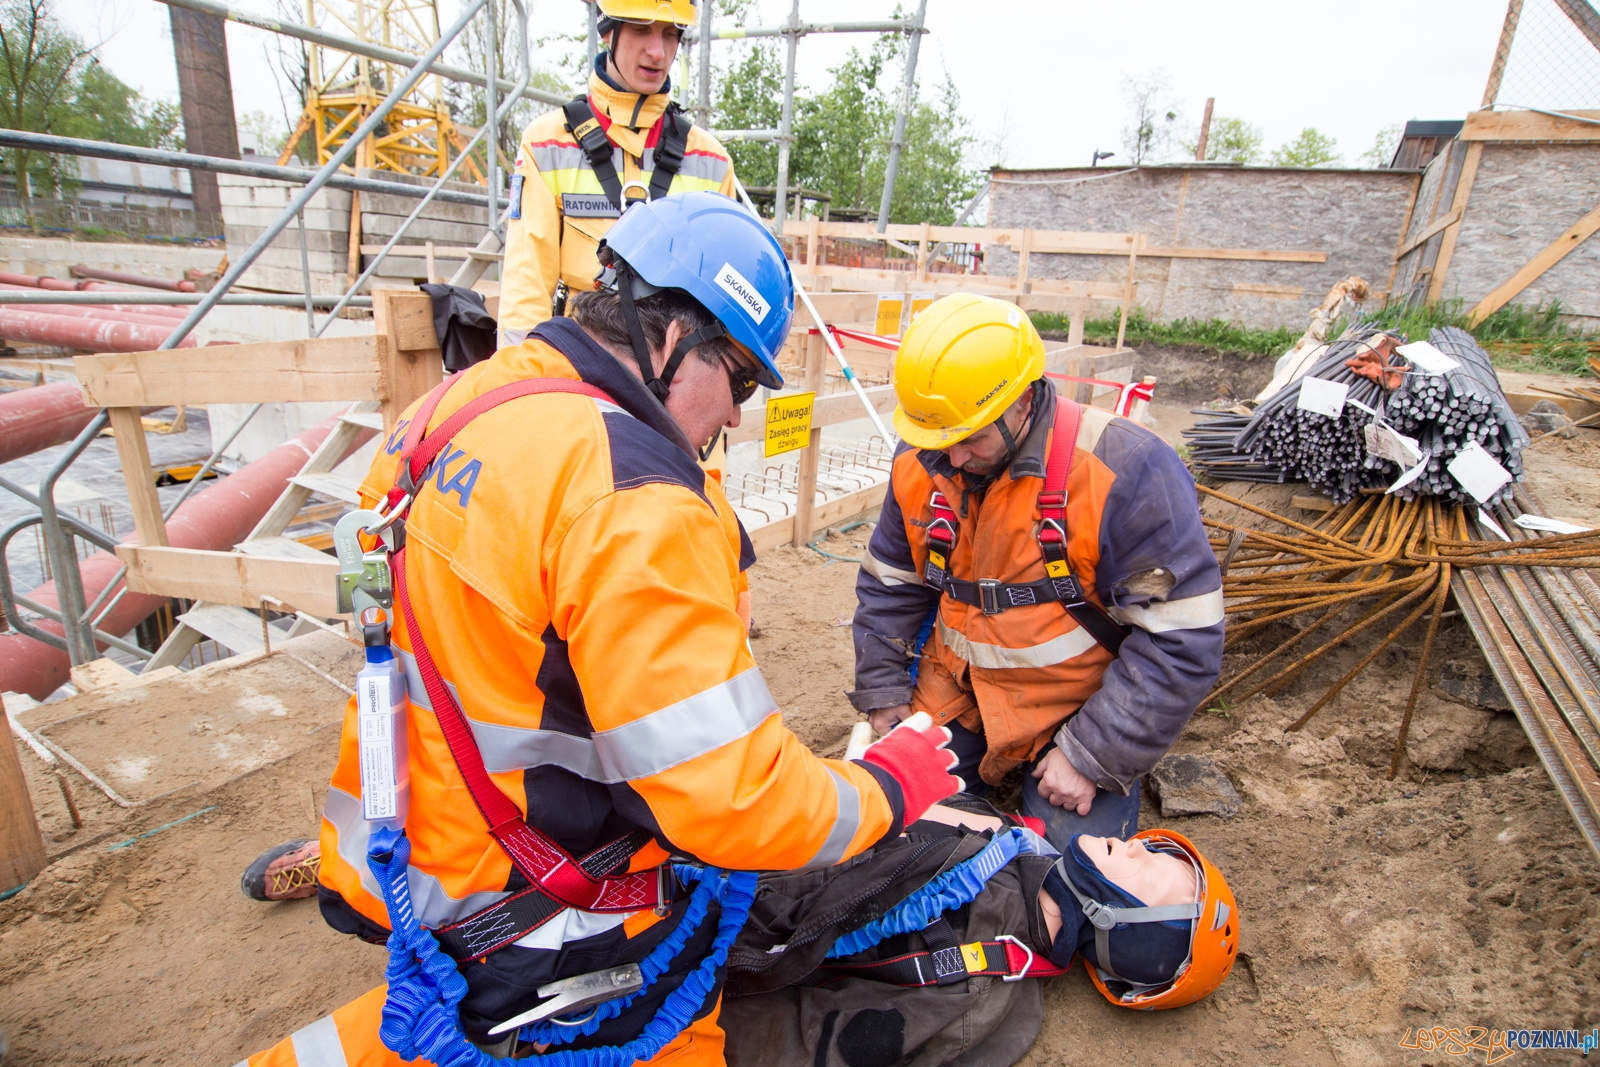 Tydzień bezpieczeństwa - szkolenie na terenie budowy Pixel 3  Foto: lepszyPOZNAN.pl / Piotr Rychter